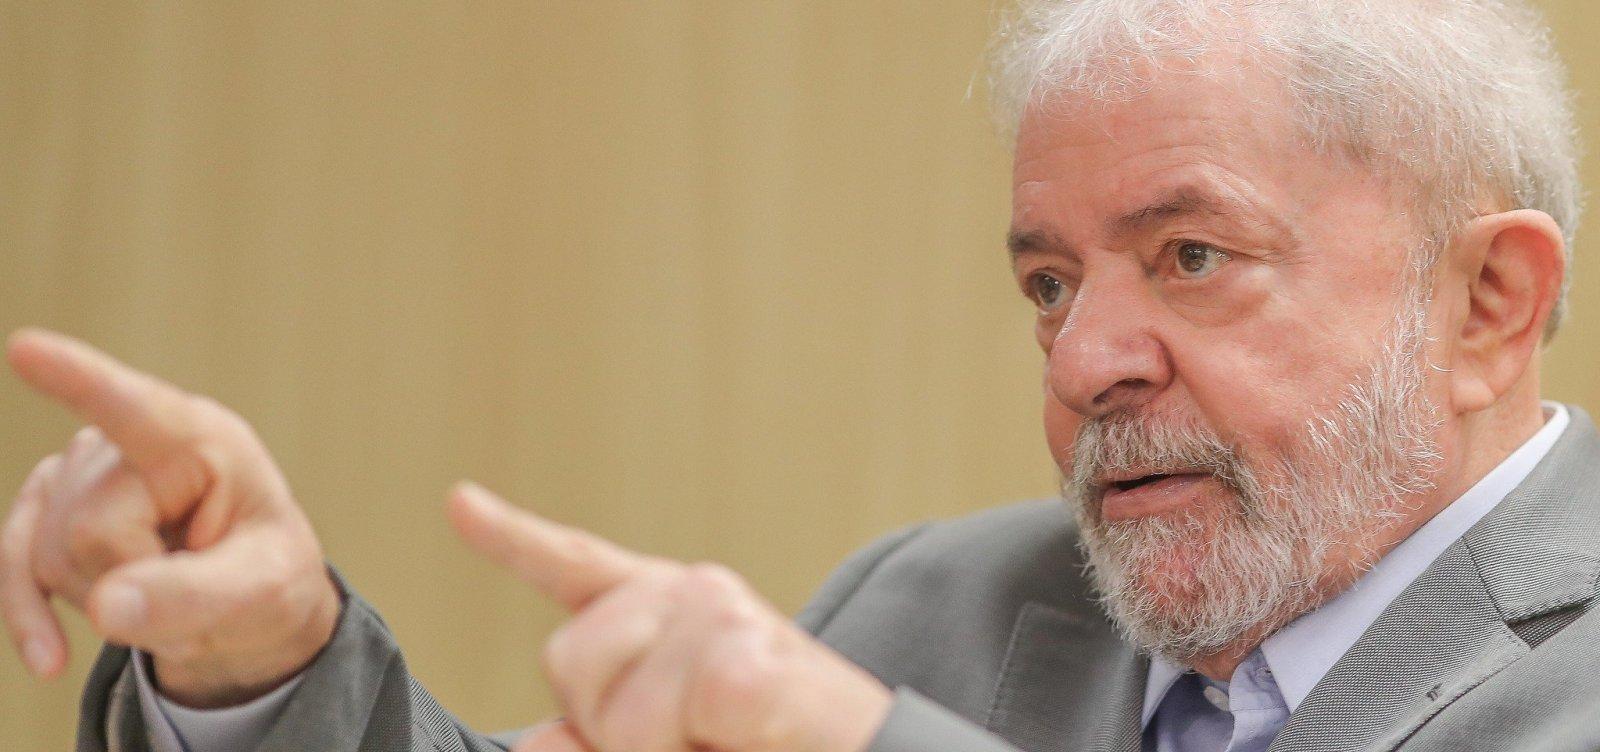 [Para Lula, esquerda precisa defender 'soberania nacional']